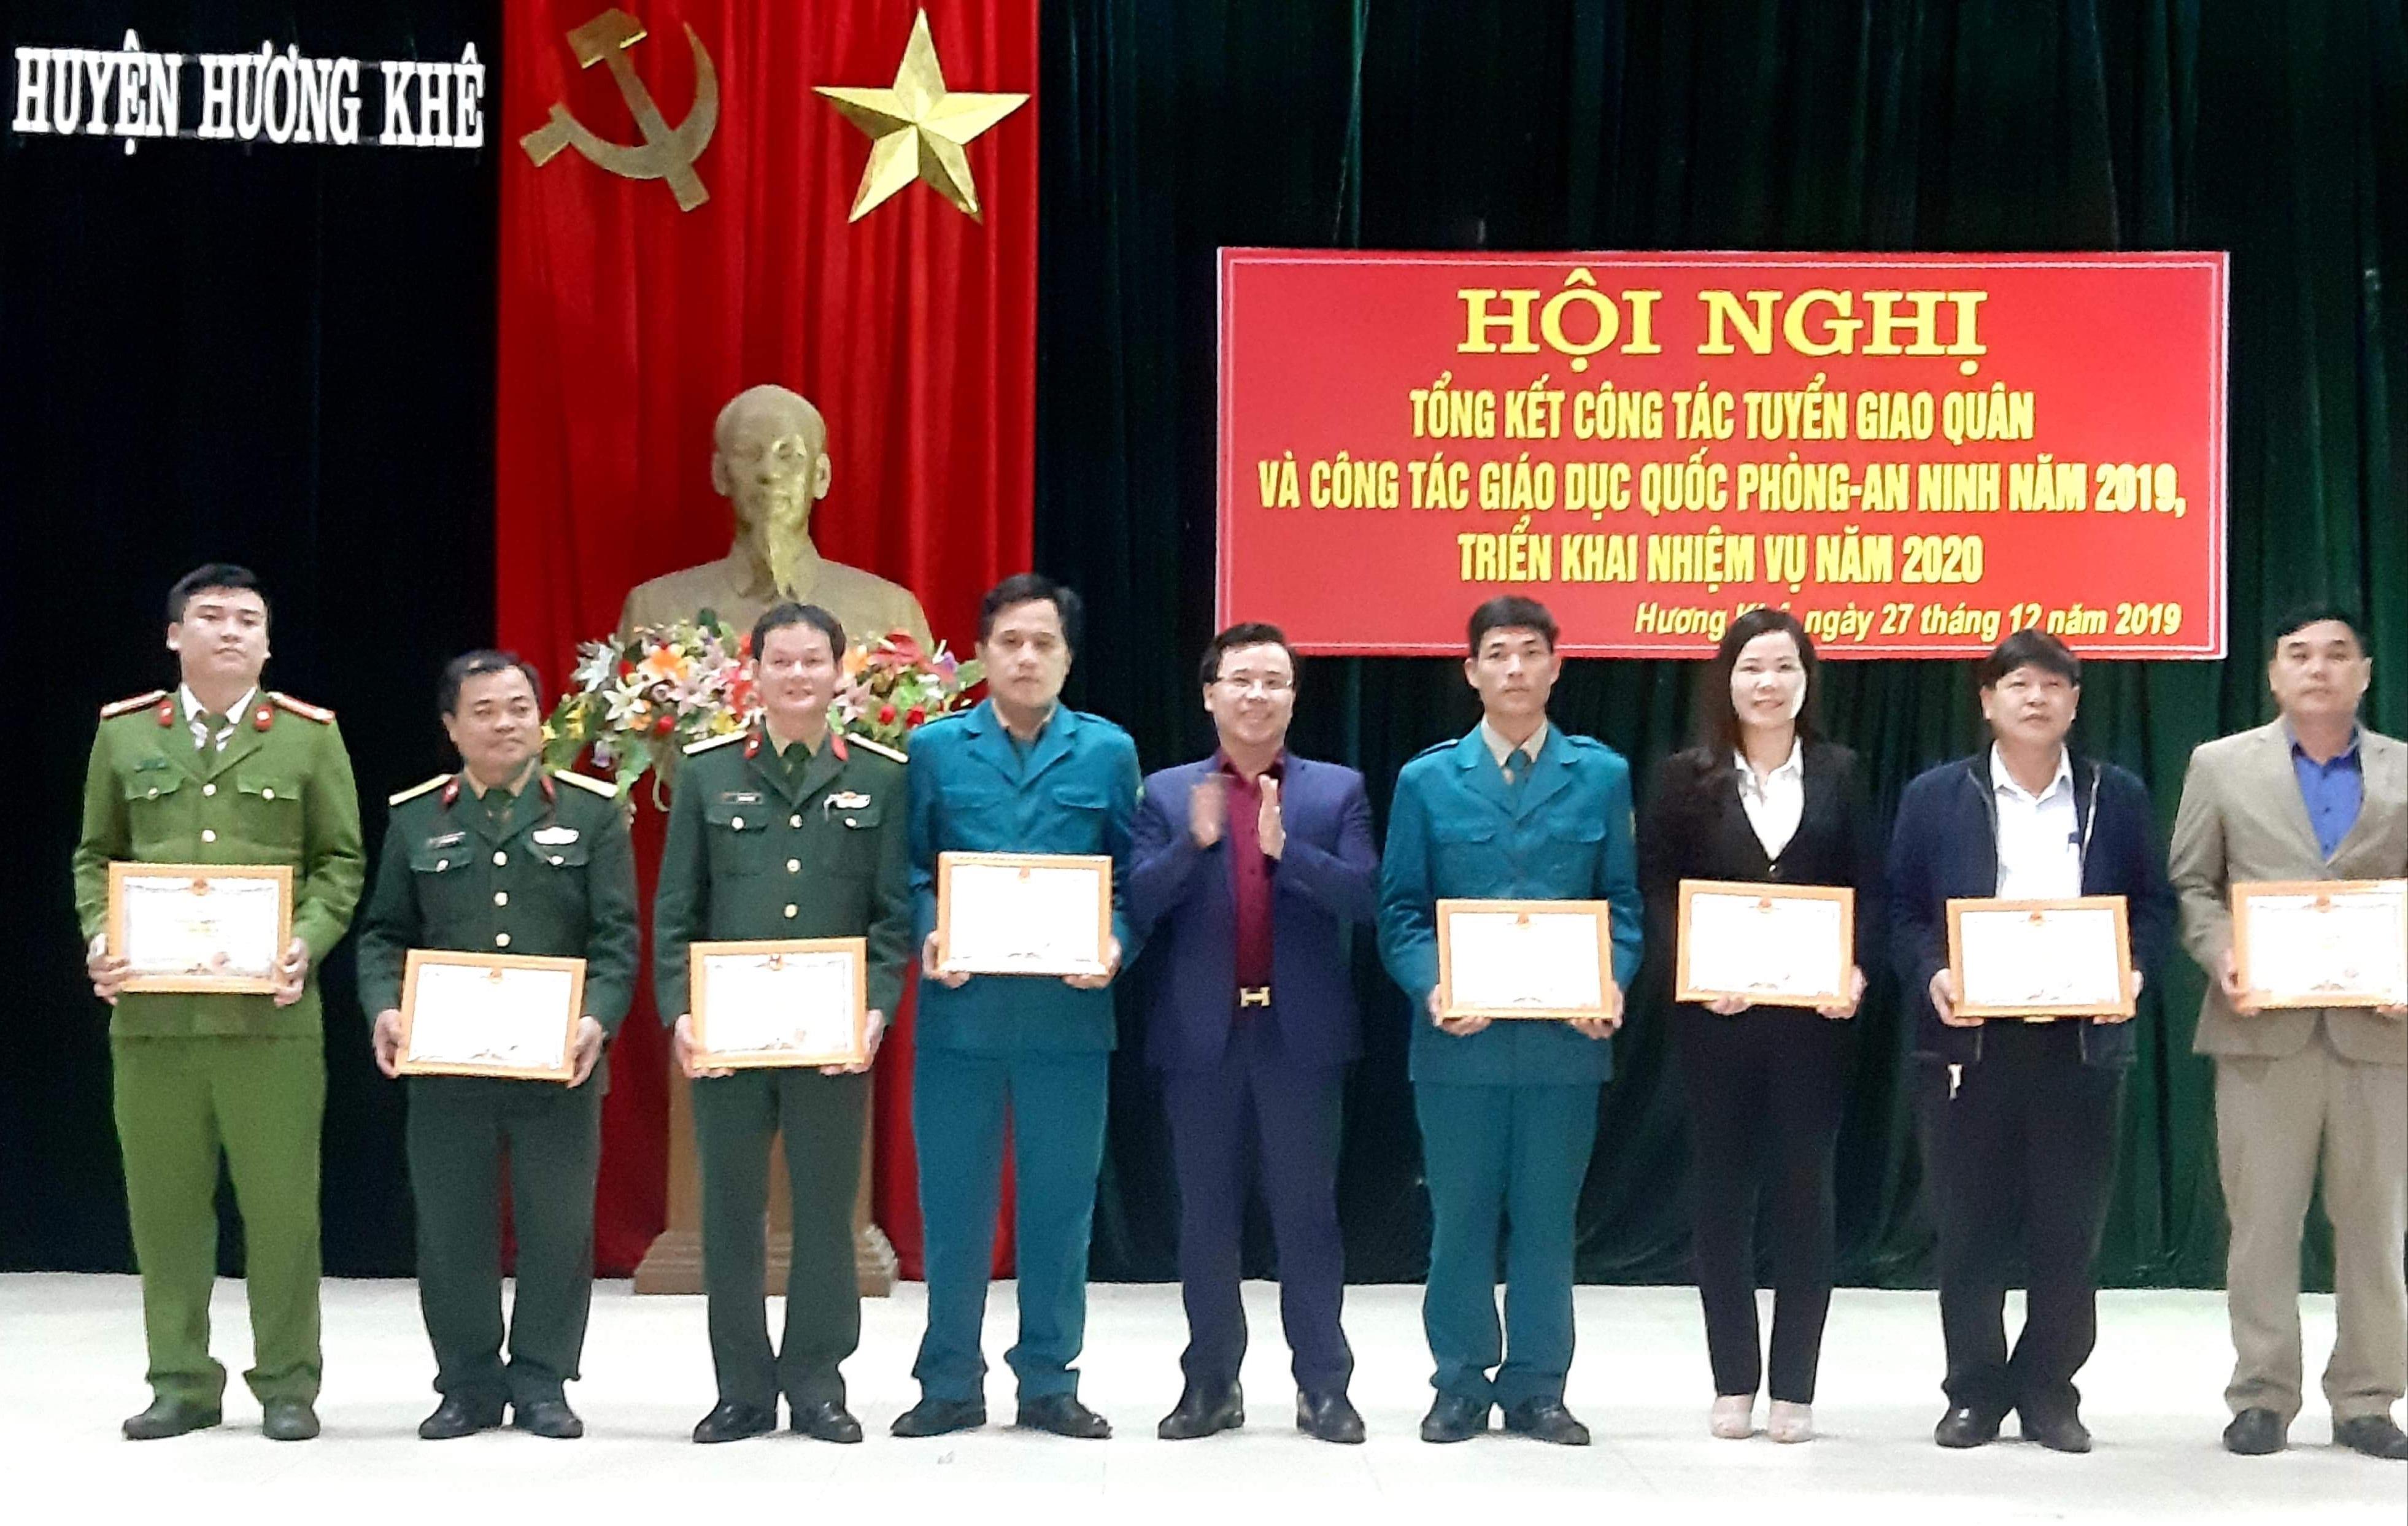 Hương Khê: Triển khai nhiệm vụ công tác tuyển giao quân năm 2020